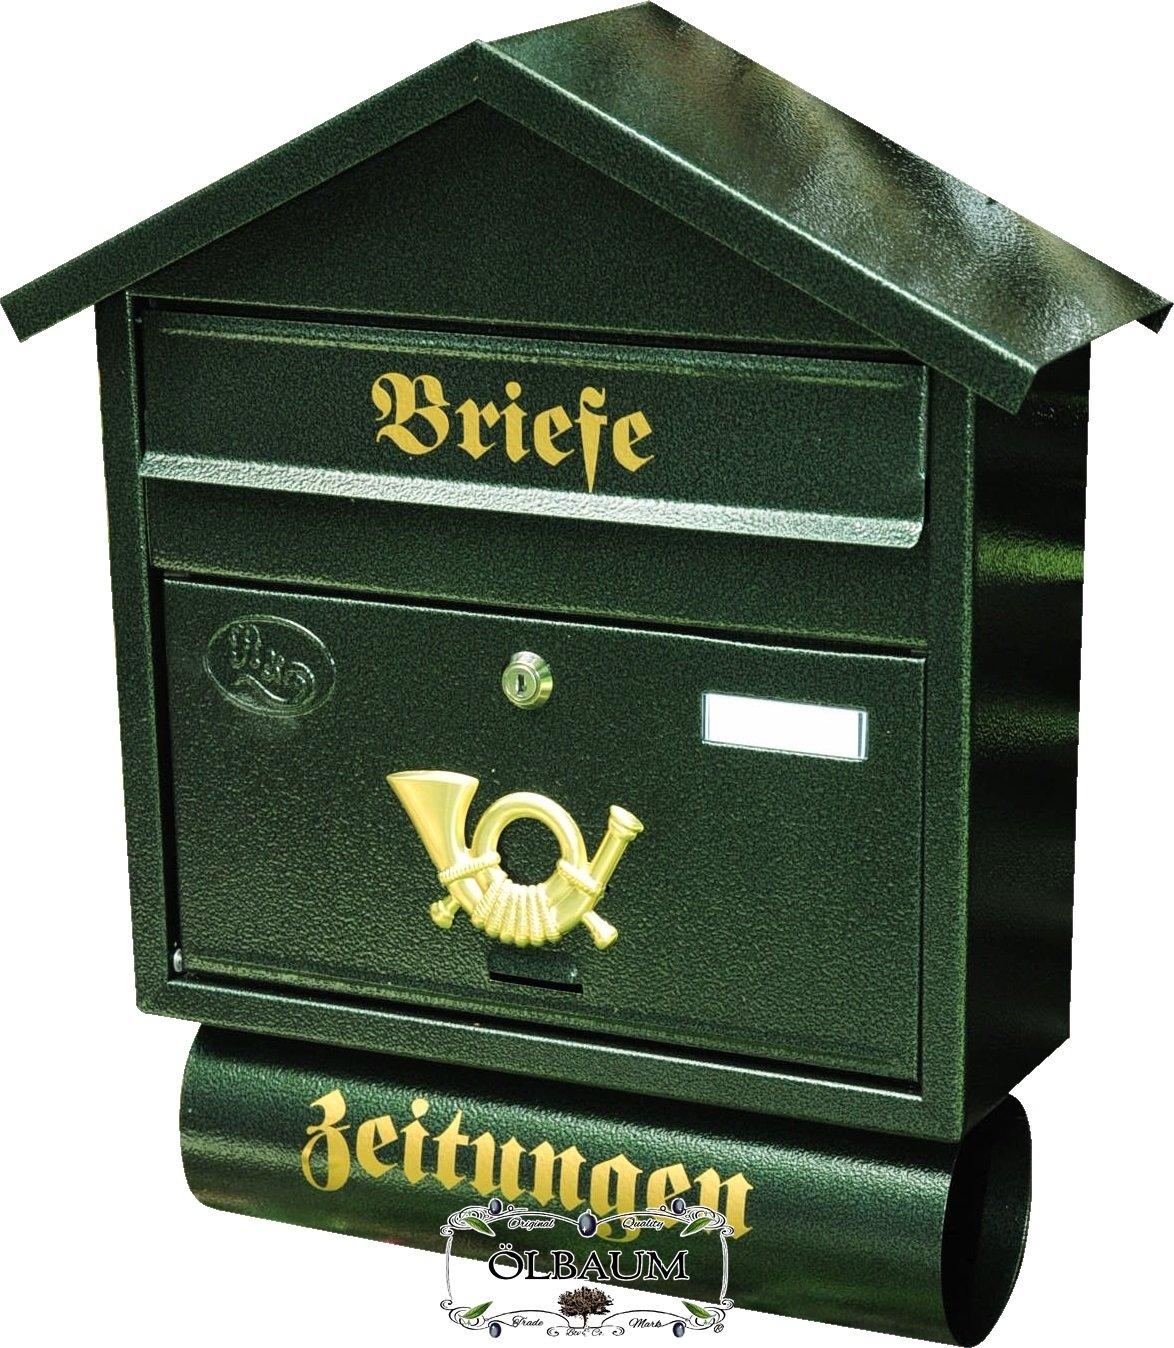 verzinkt mit Rostschutz Spitzdach S gr/ün dunkelgr/ün moosgr/ün Zeitungsfach Zeitungsrolle Postkasten BTV Gro/ßer Massivstahl-Briefkasten XXL